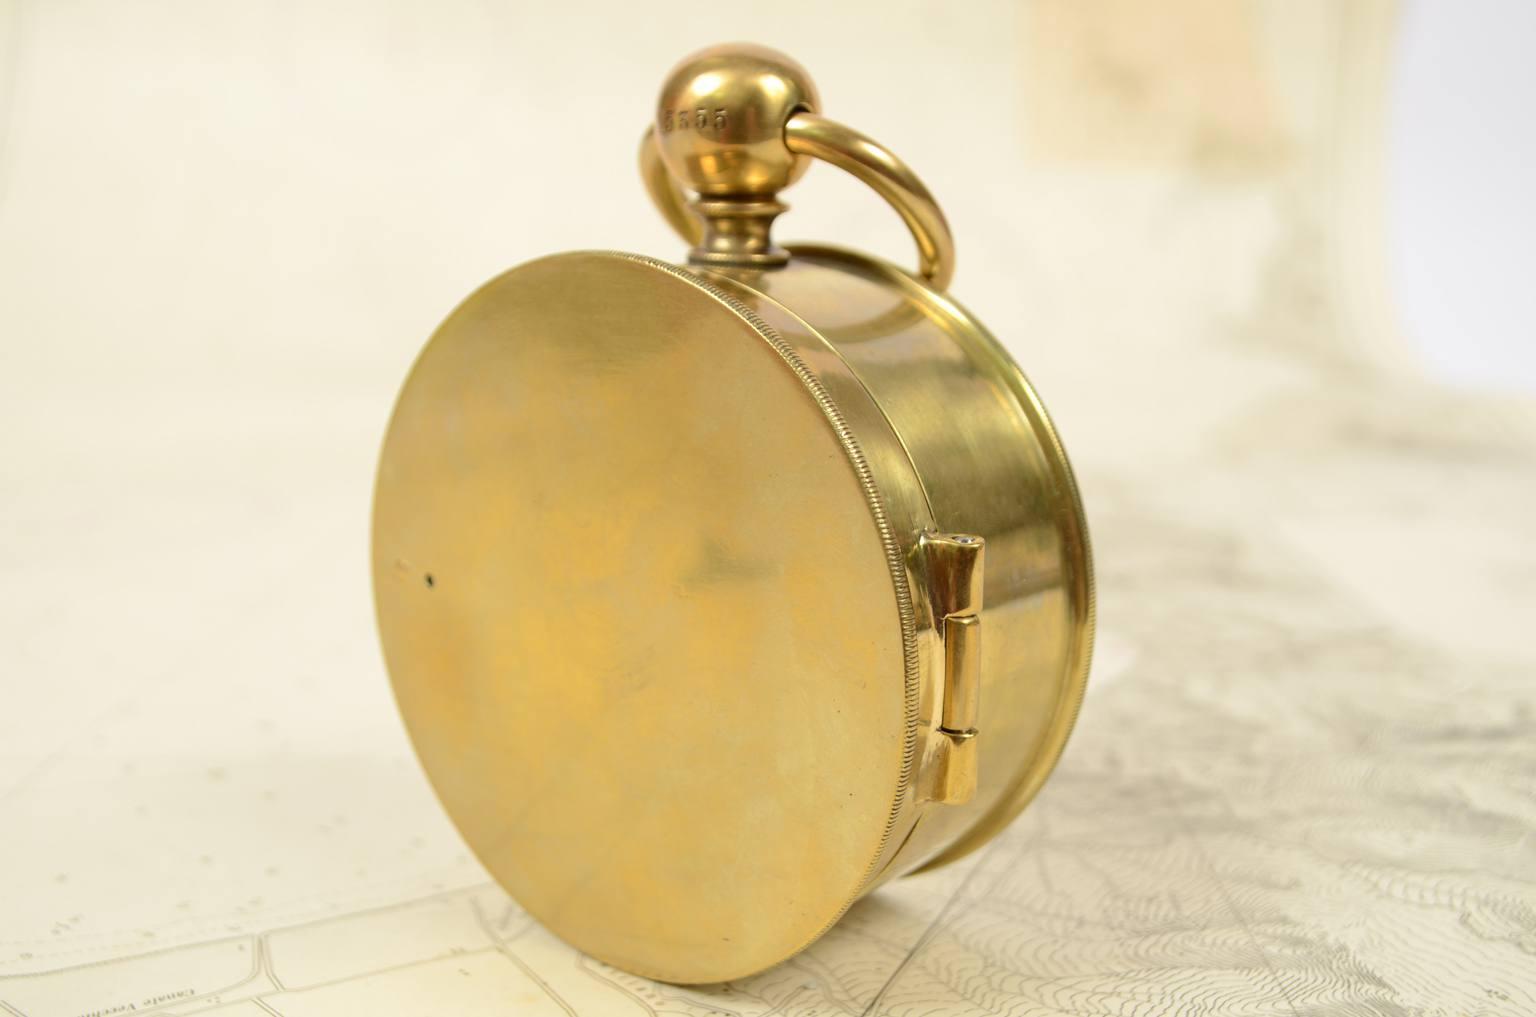 Strumenti di misura antichi/A134-Orologio da metronotte